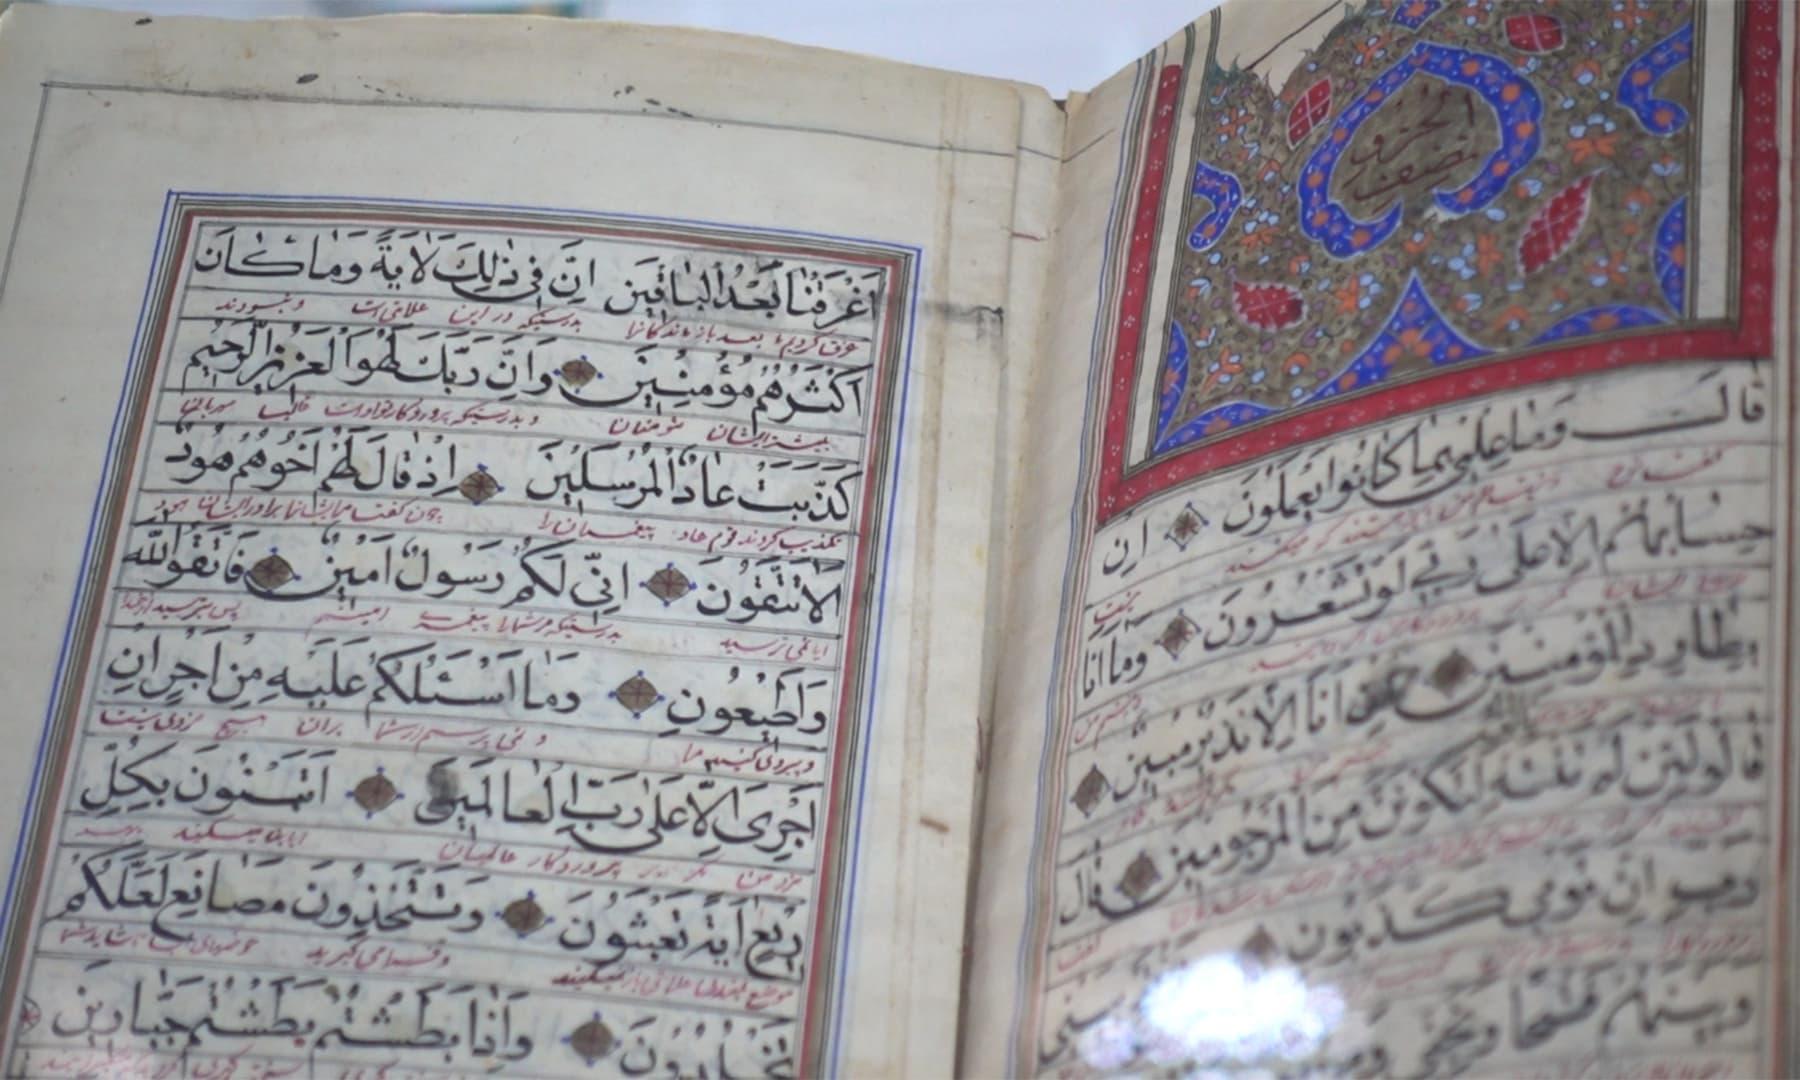 یہاں قرآن کریم کے قدیم اور نایاب نسخے موجود ہیں